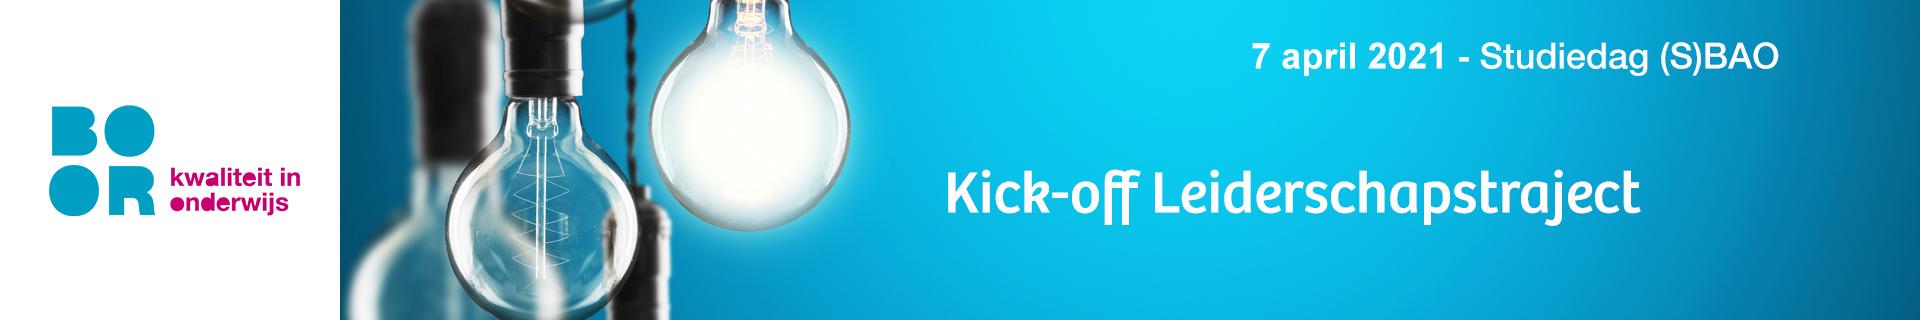 Kick-off Leiderschapstraject